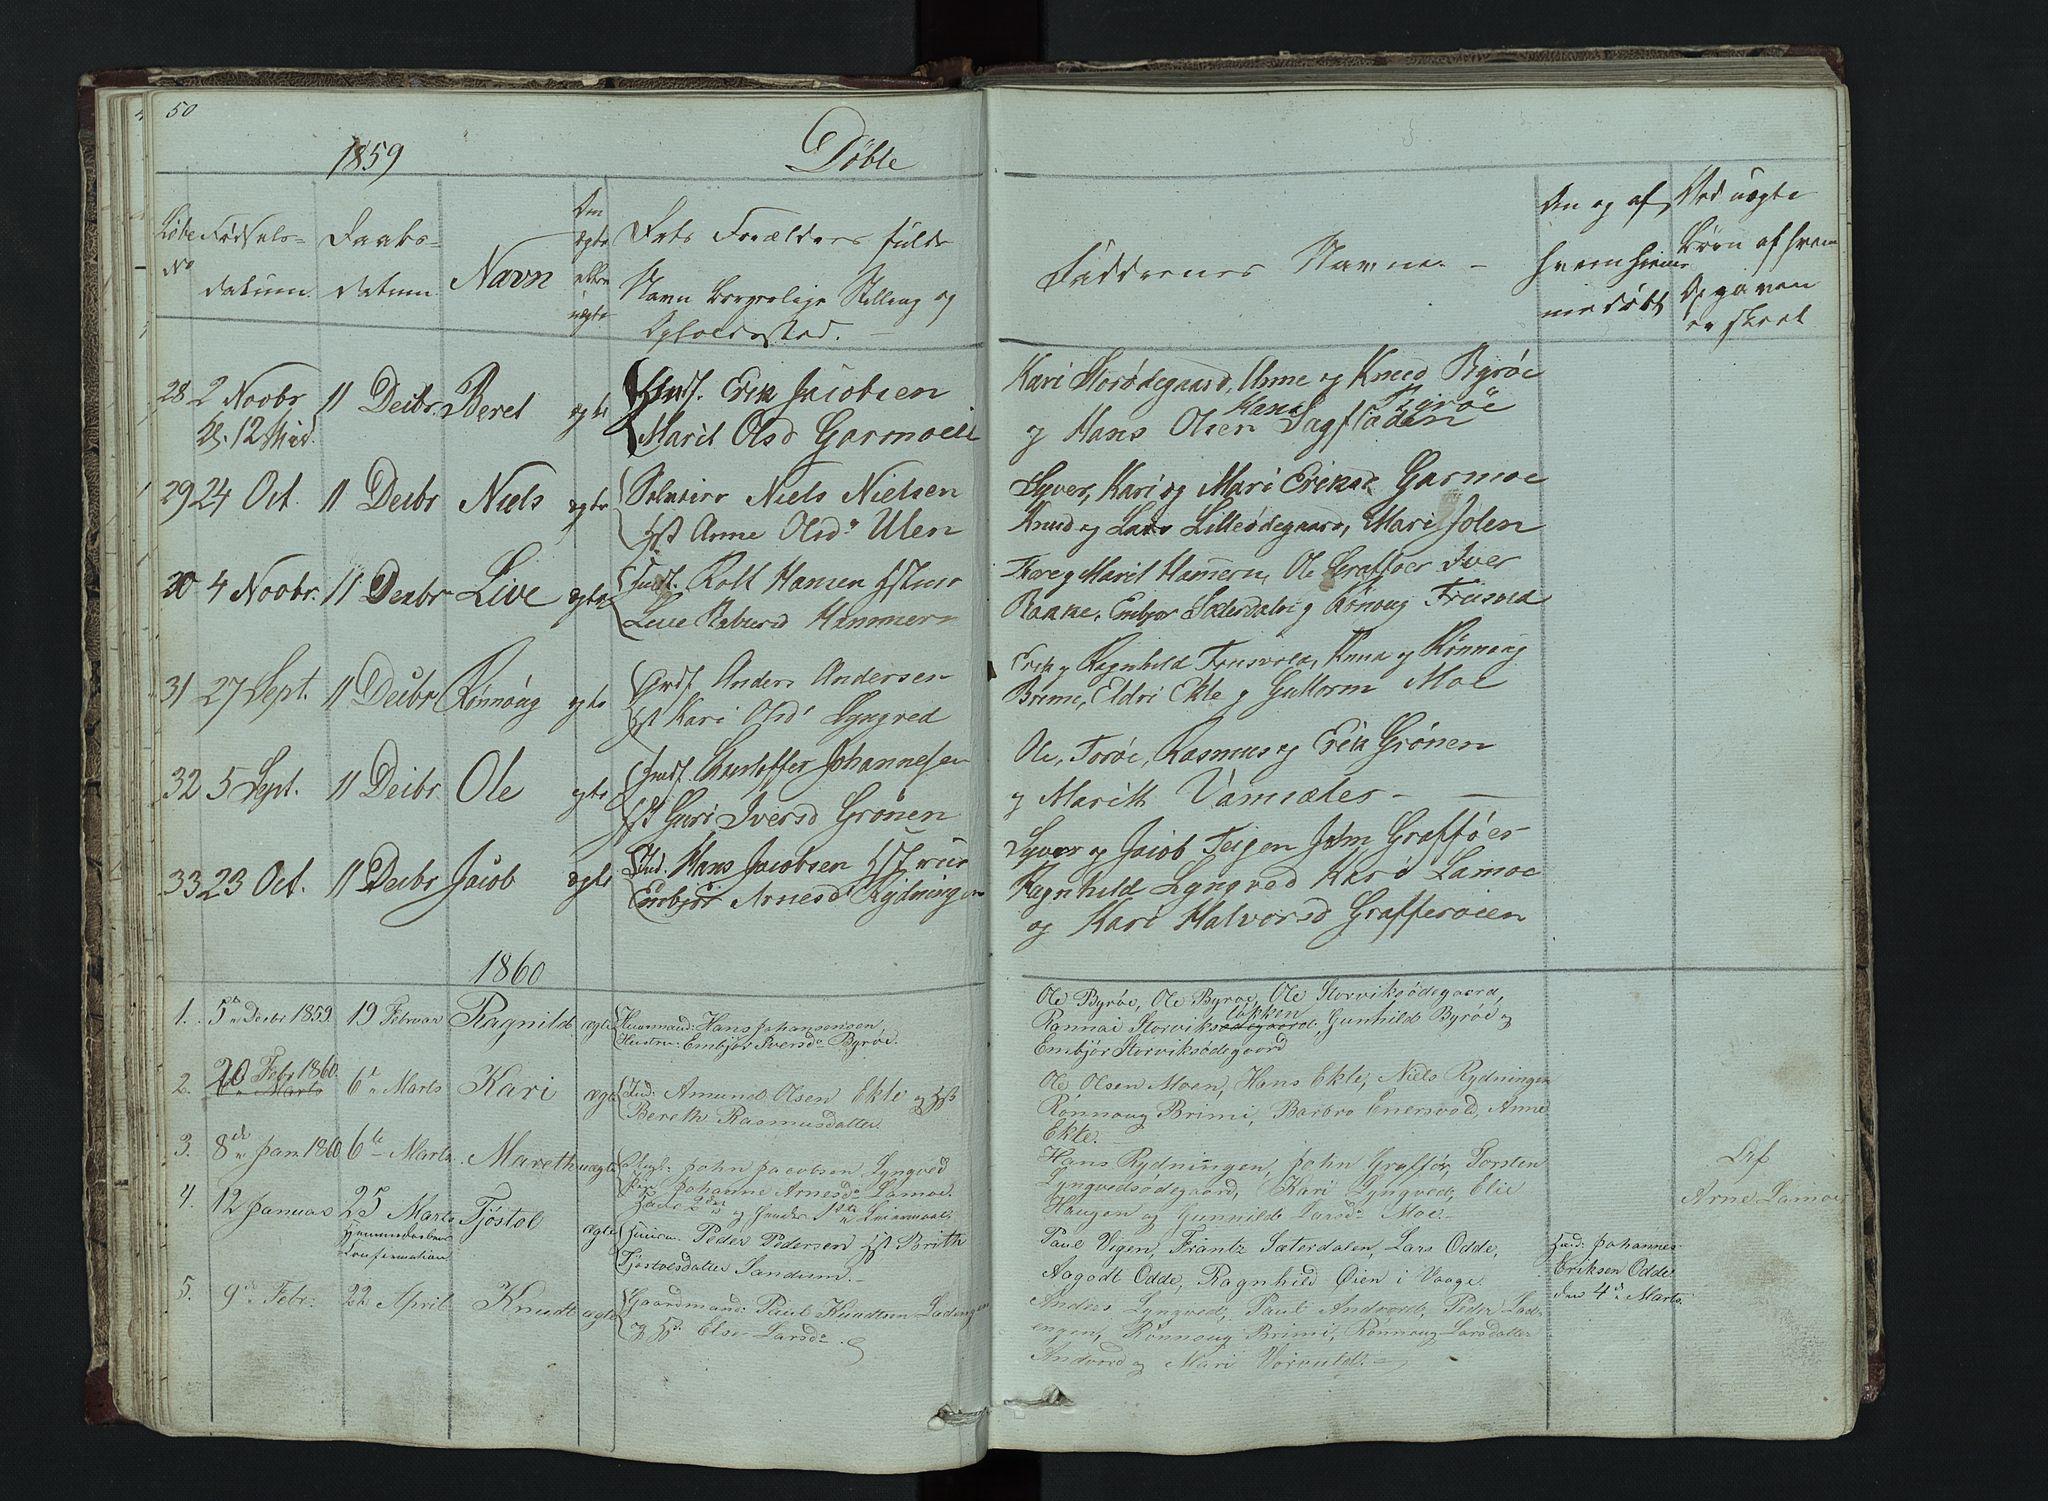 SAH, Lom prestekontor, L/L0014: Klokkerbok nr. 14, 1845-1876, s. 50-51